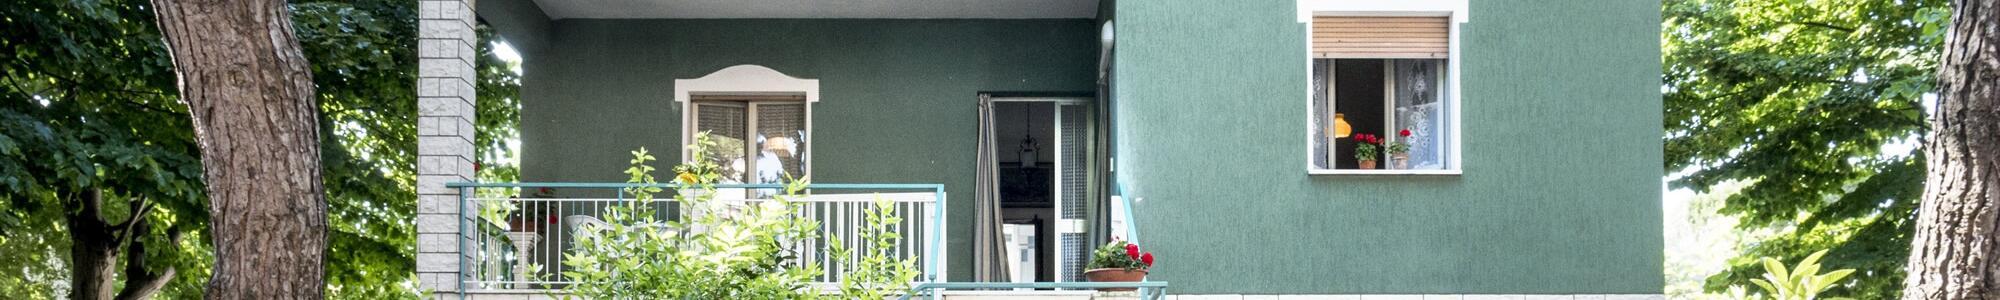 Offerta speciale appartamenti a Cervia a due passi dal mare